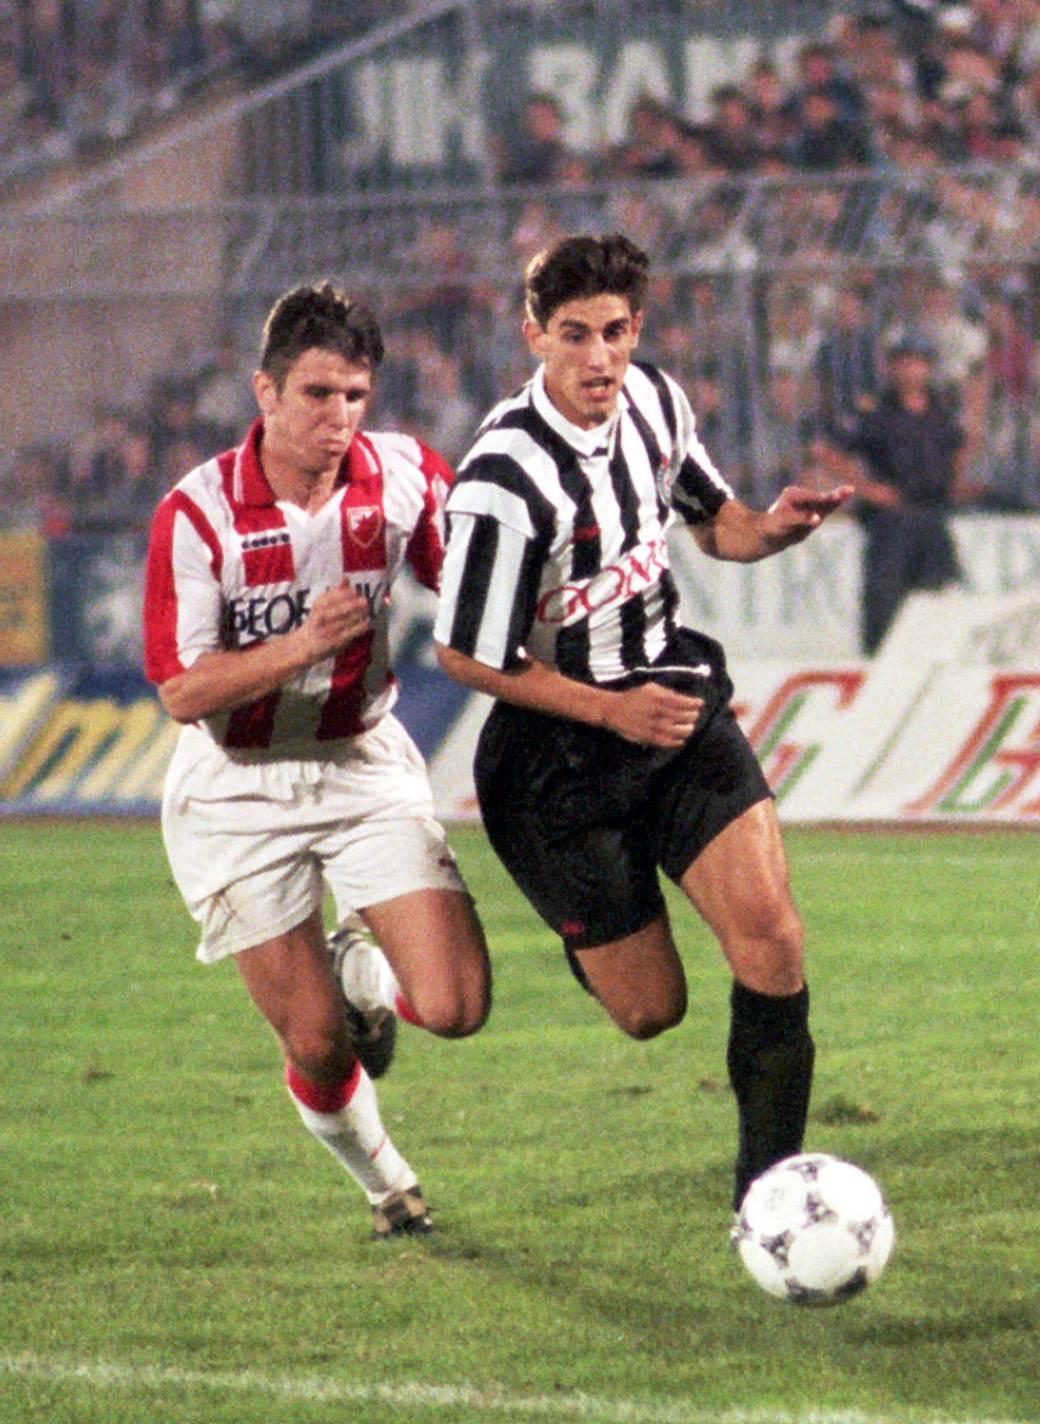 Veljko Paunović prolazi pored Mitka Stojkovskog na 97. večitom derbiju (Partizan - Crvena zvezda 1:1, 24. septembar 1994. godine).